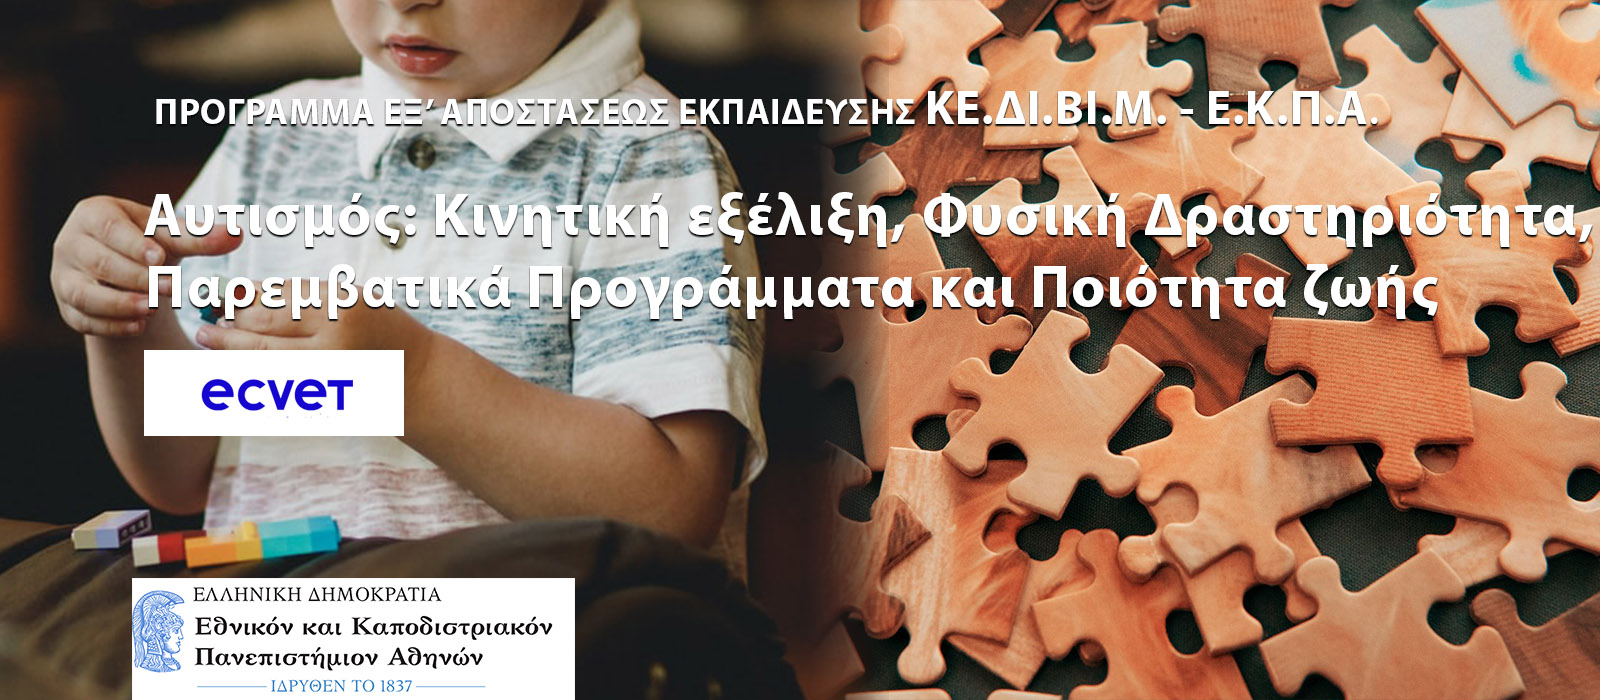 You are currently viewing Αυτισμός: Κινητική εξέλιξη, Φυσική Δραστηριότητα, Παρεμβατικά Προγράμματα και Ποιότητα ζωής